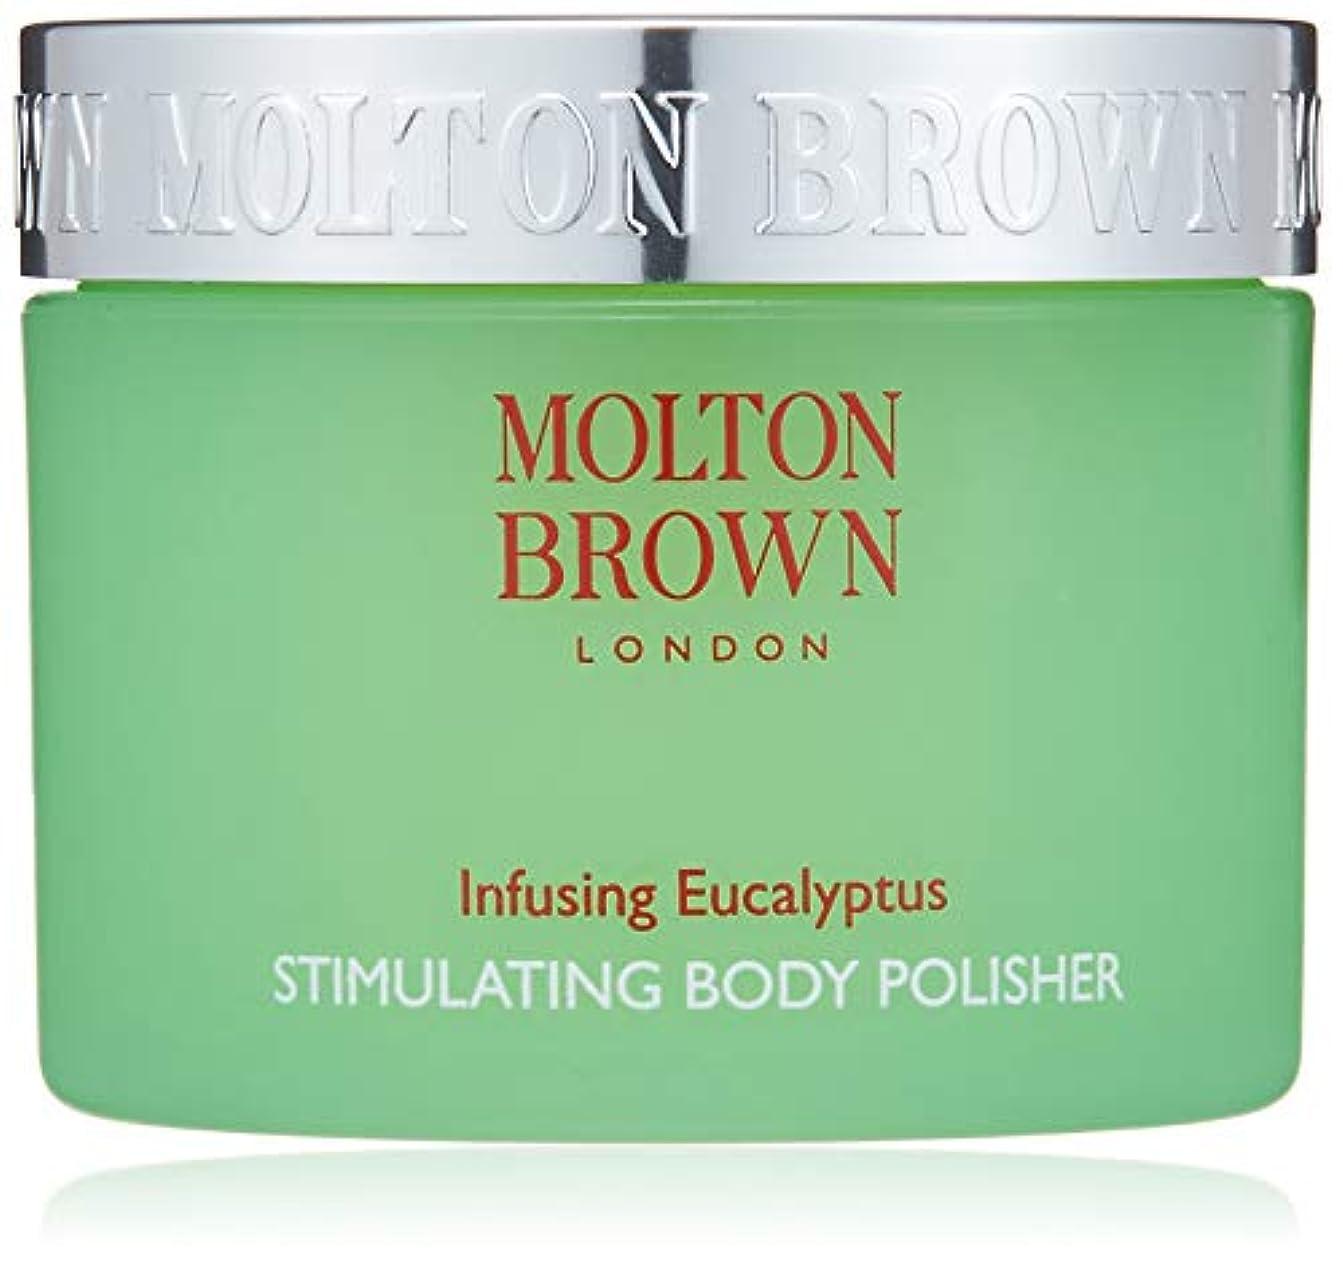 札入れ鉛インカ帝国MOLTON BROWN(モルトンブラウン) インフュージング ユーカリプタス スティミュレイティング ボディポリッシャー